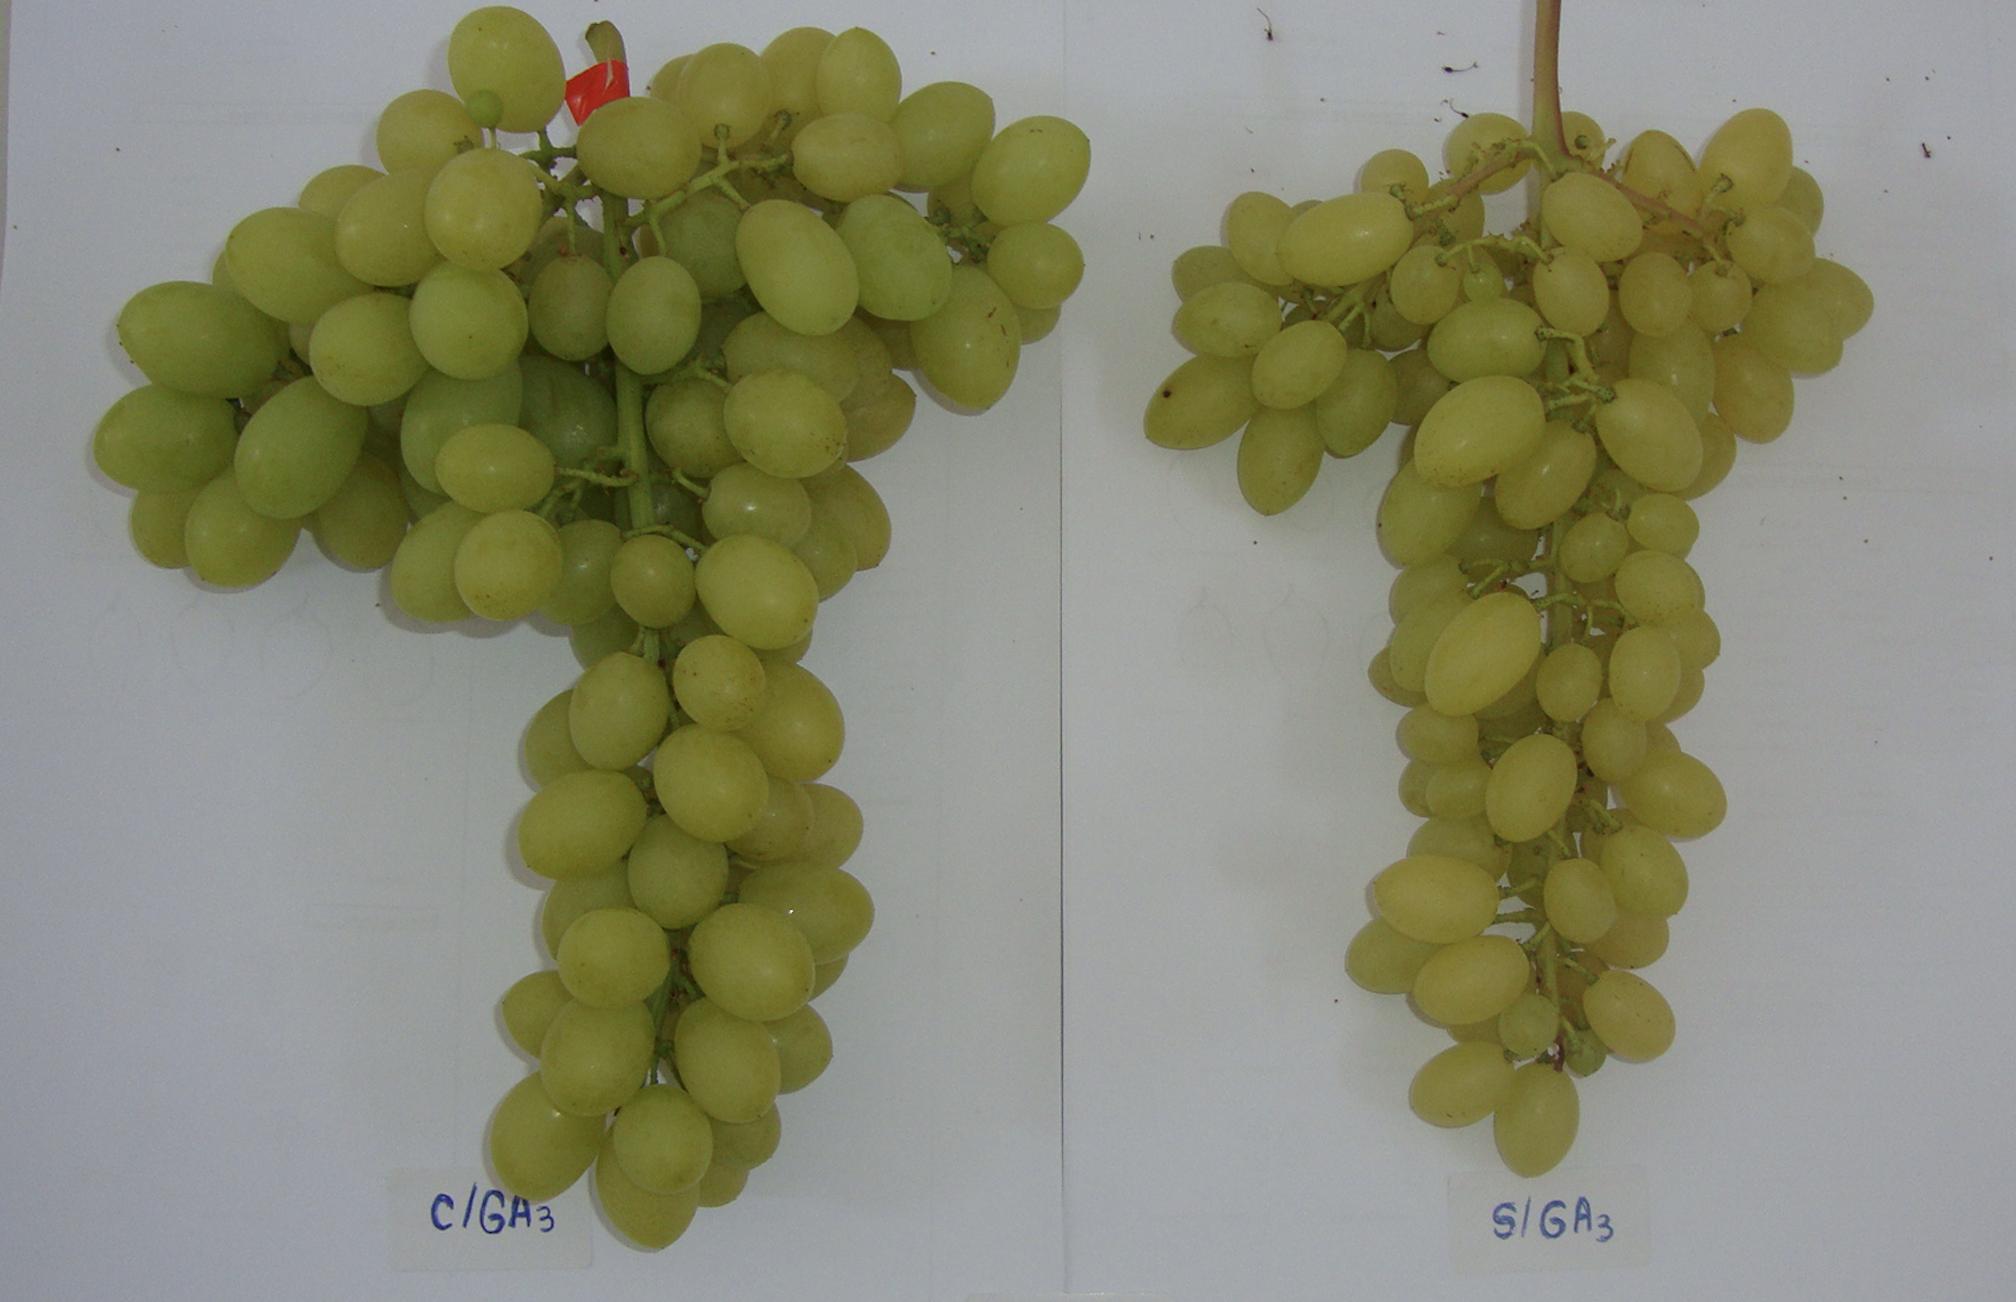 Uso de GA3 como fonte de biorregulador para aumentar o tamanho de bagas.